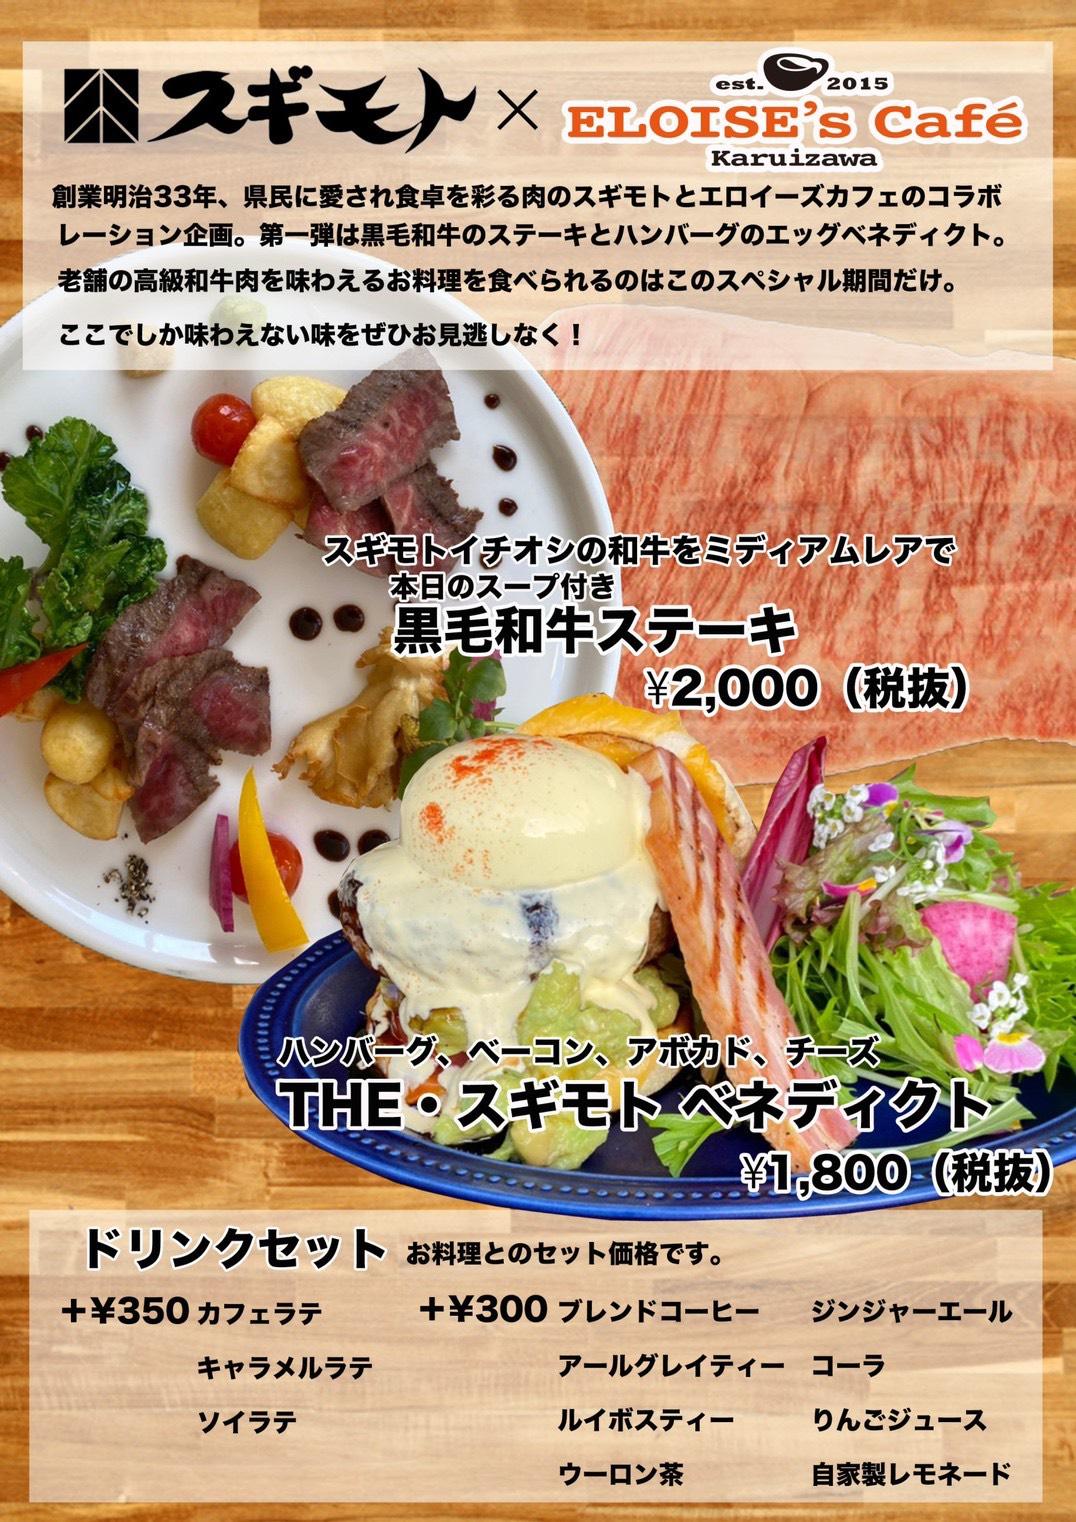 【お肉専門店 スギモト×ELOISE's Cafe】名古屋テレビ塔エリア、久屋大通公園カフェのエロイーズカフェとお肉専門店のスギモトとのコラボが実現!